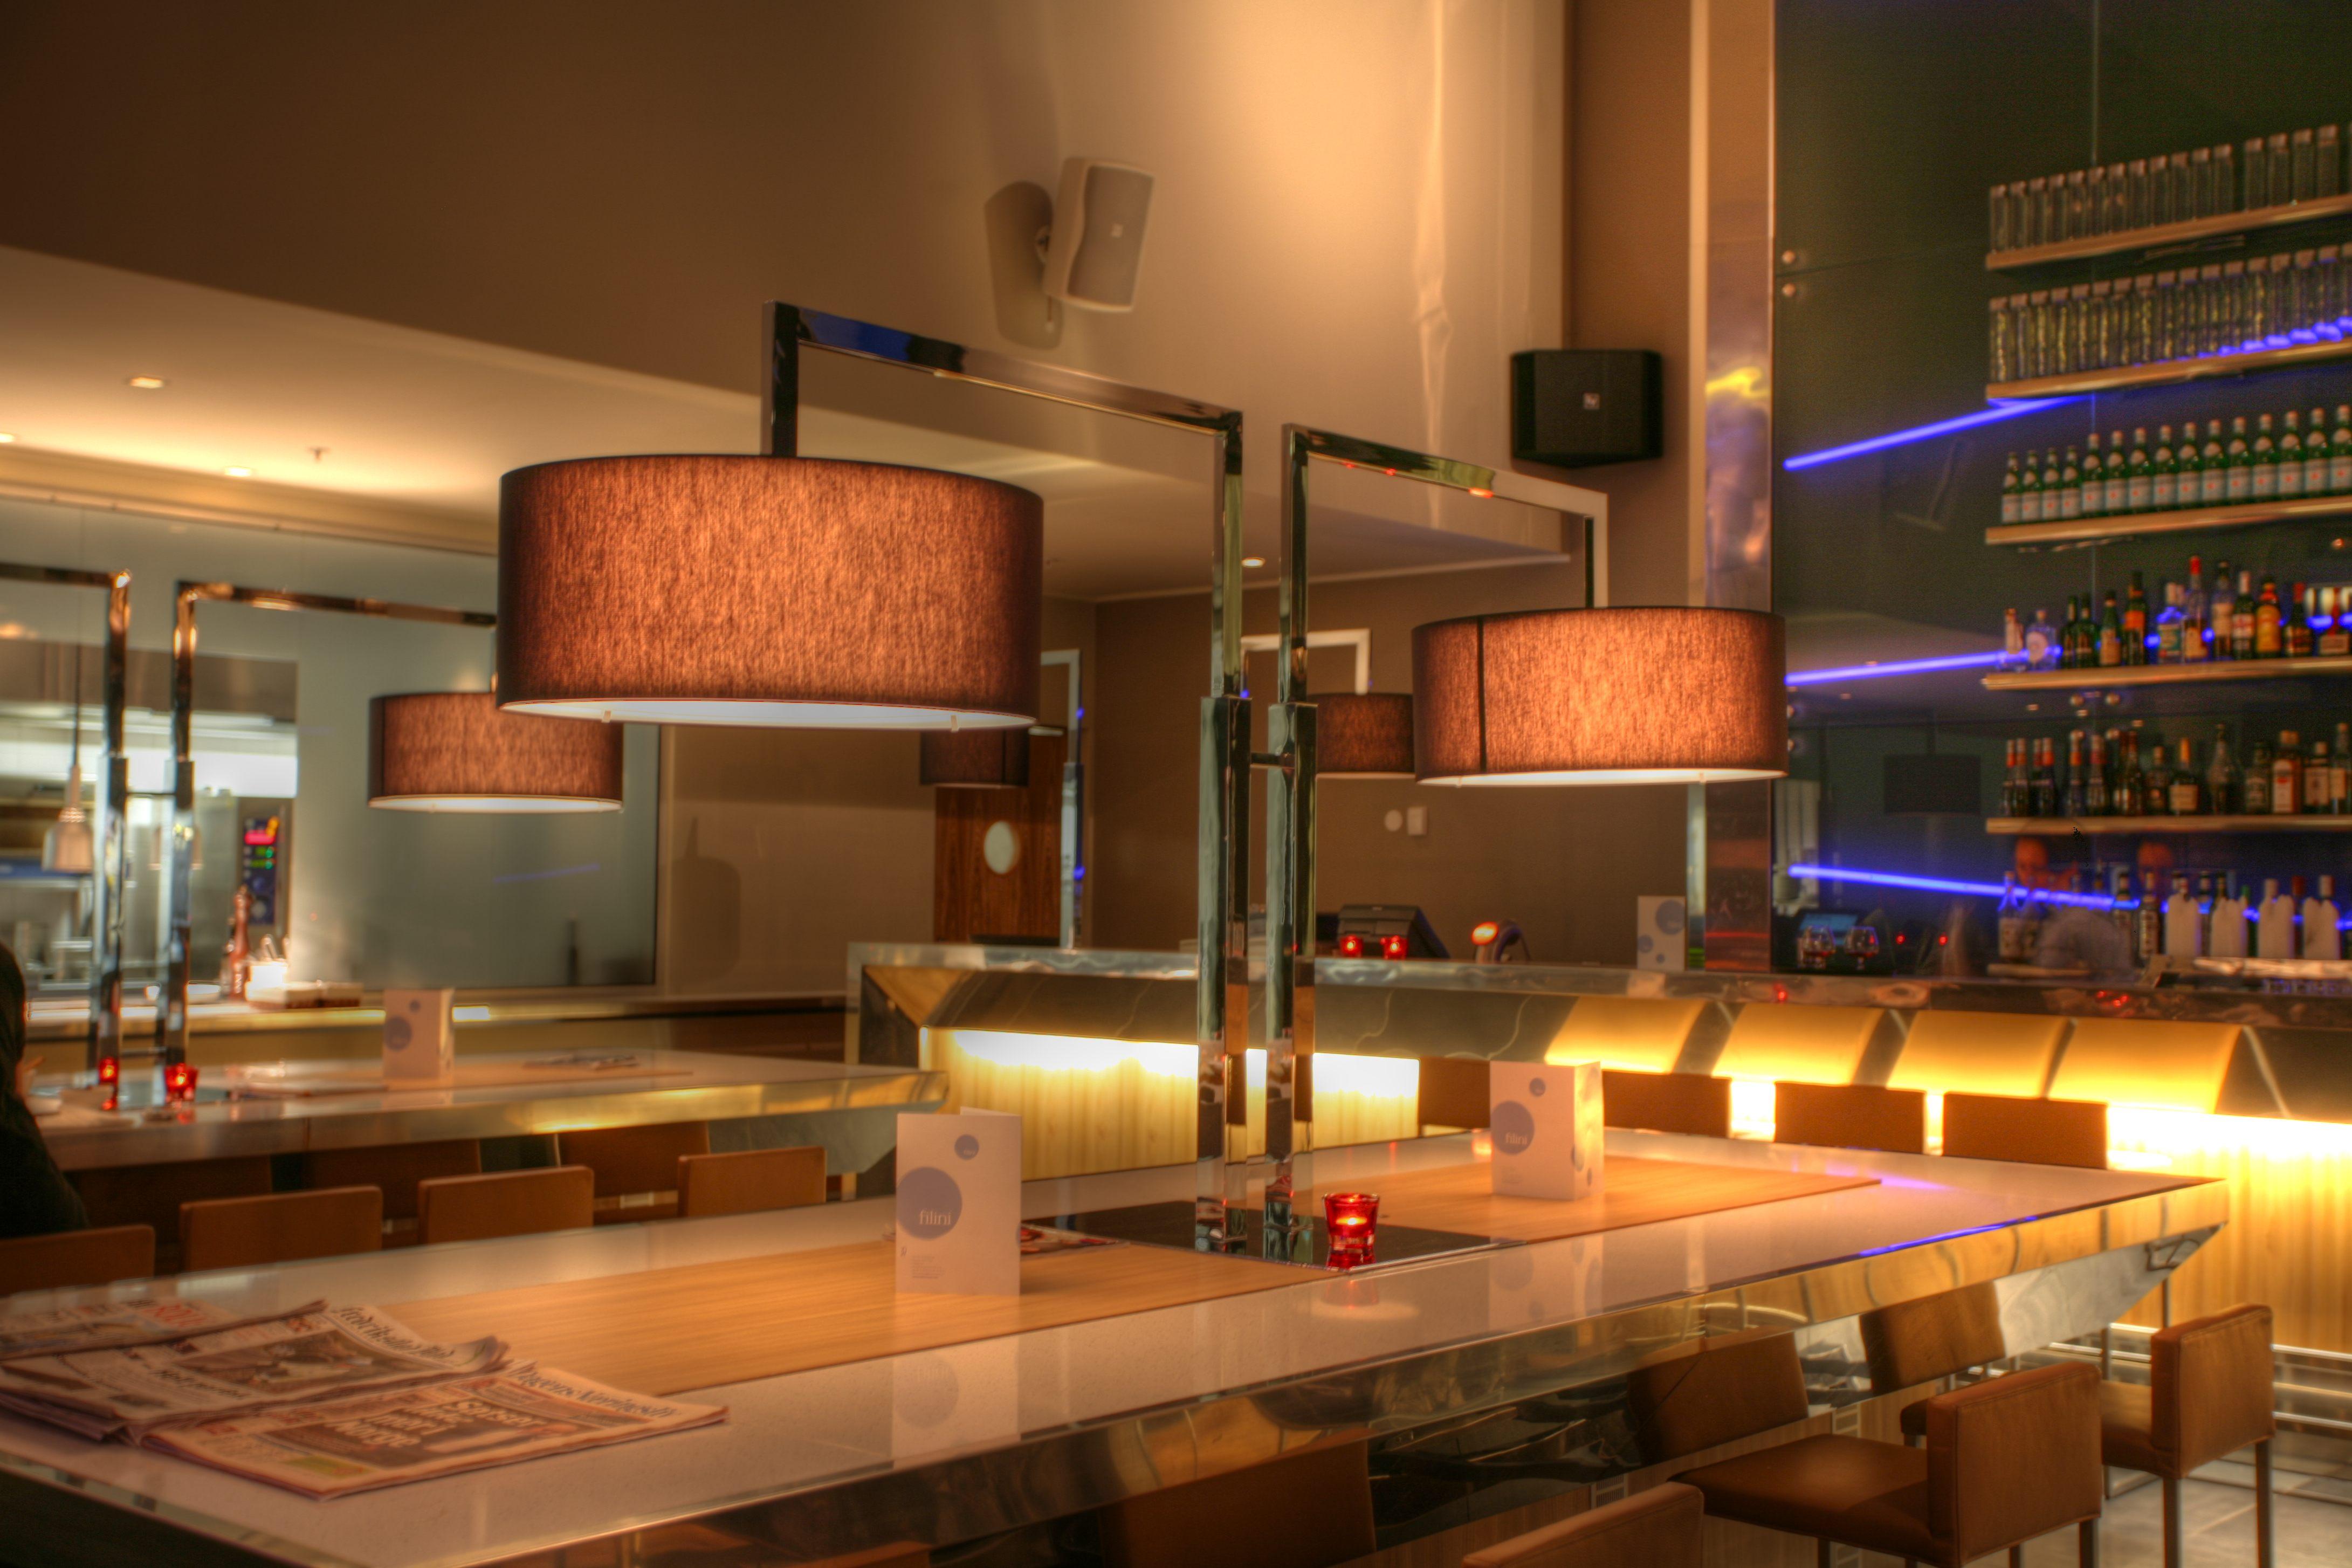 leuchten gastronomie radisson blue fredrikstad peters leuchten design